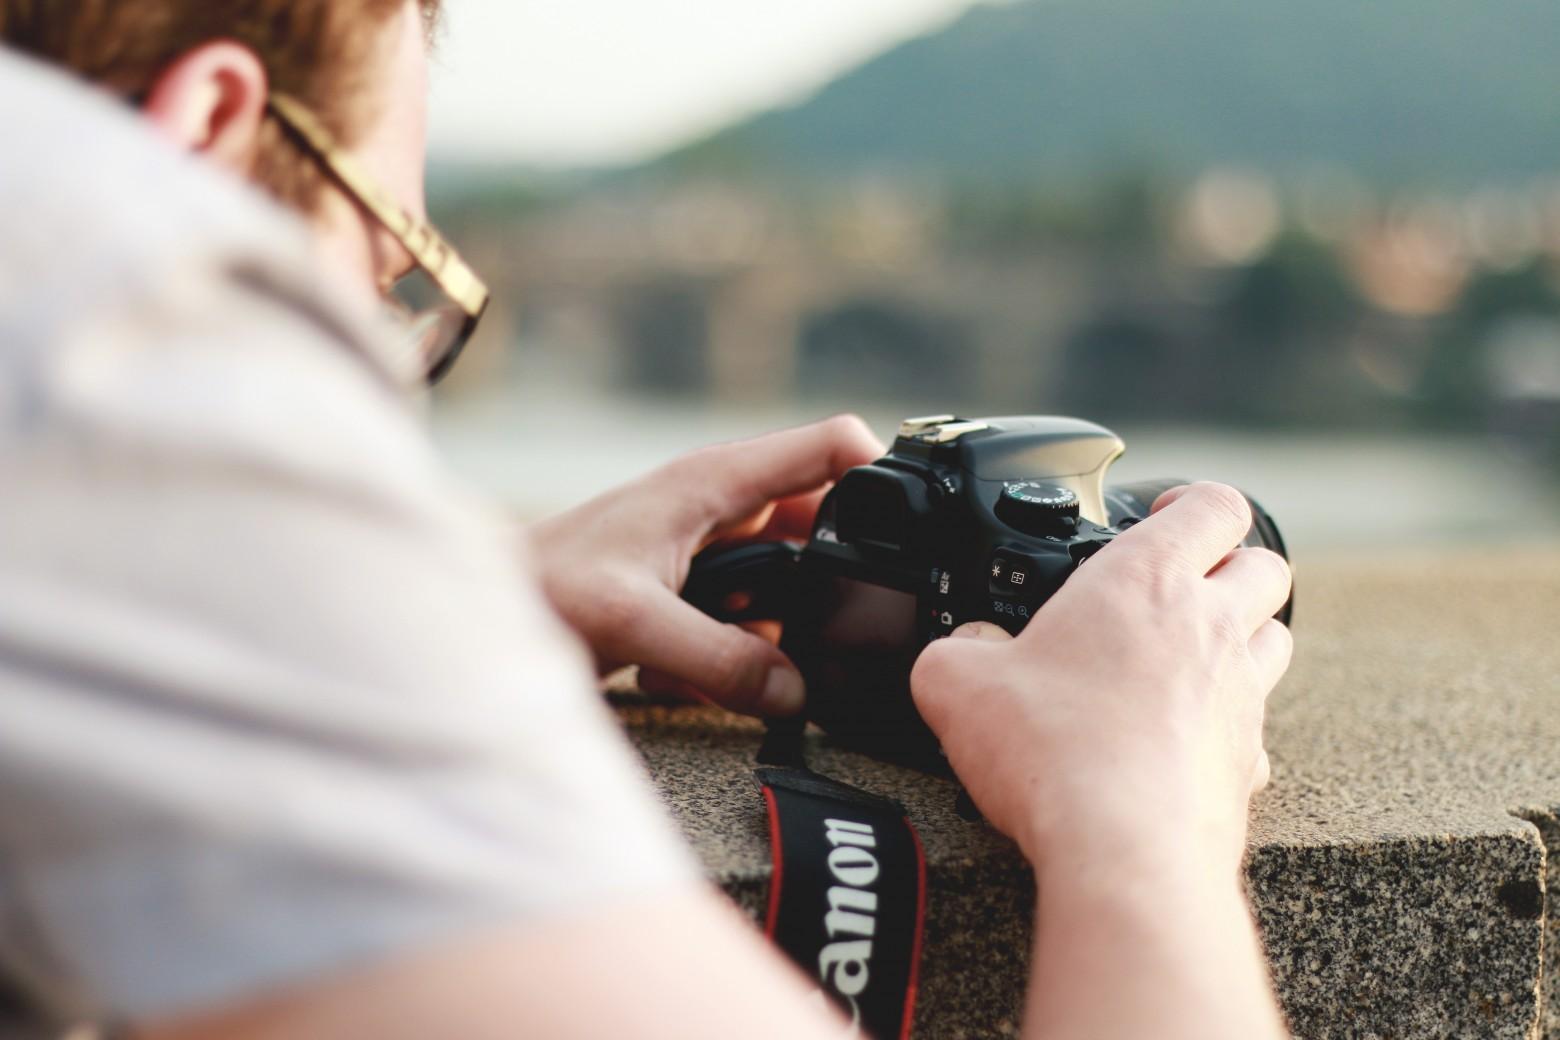 ein mann hinter der Kamera; Kamera auf einer Mauer abgelegt.